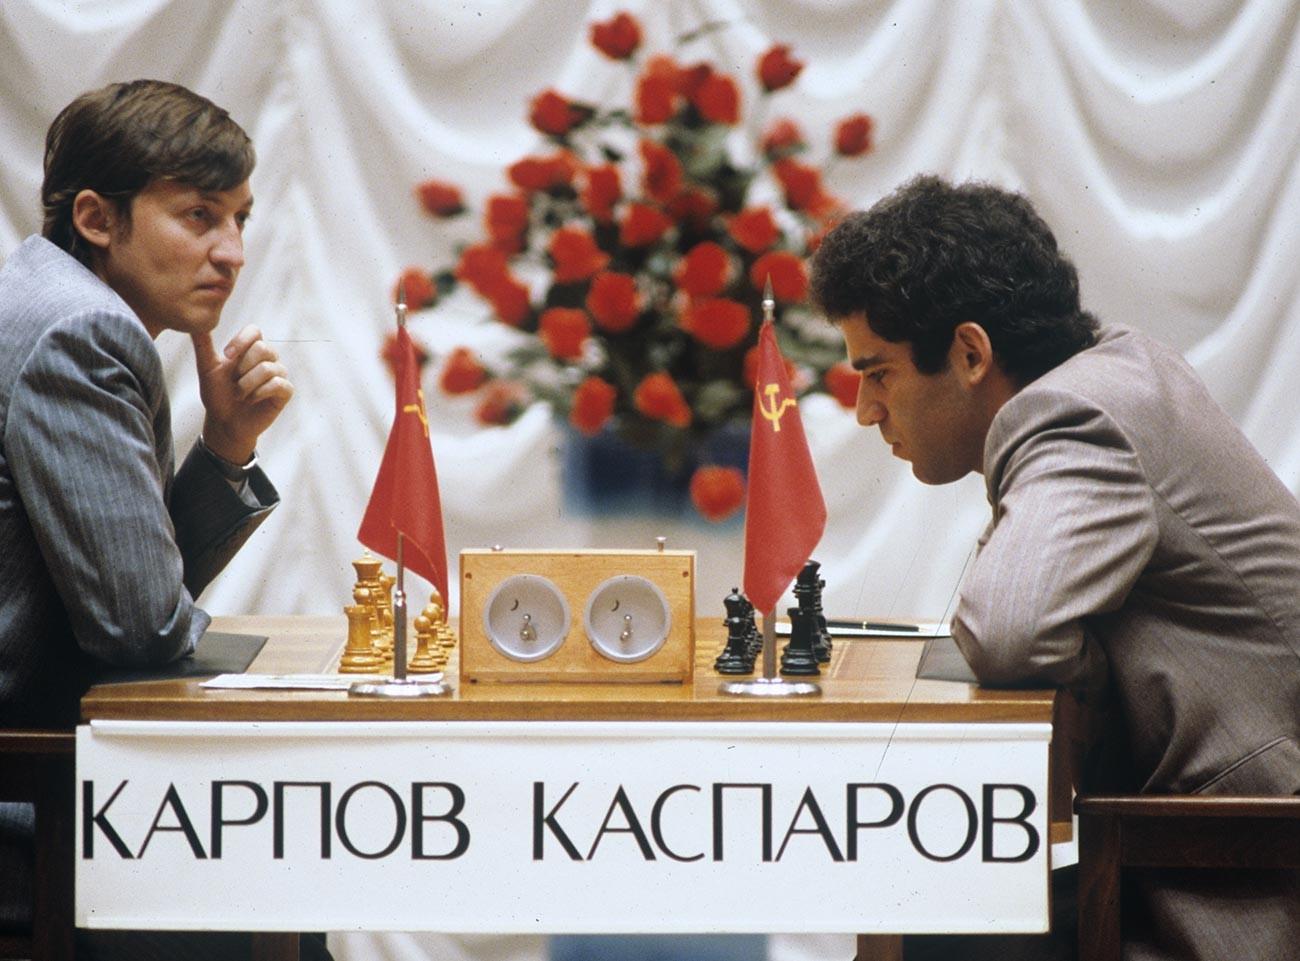 Karpov vs Kasparov, 1986.